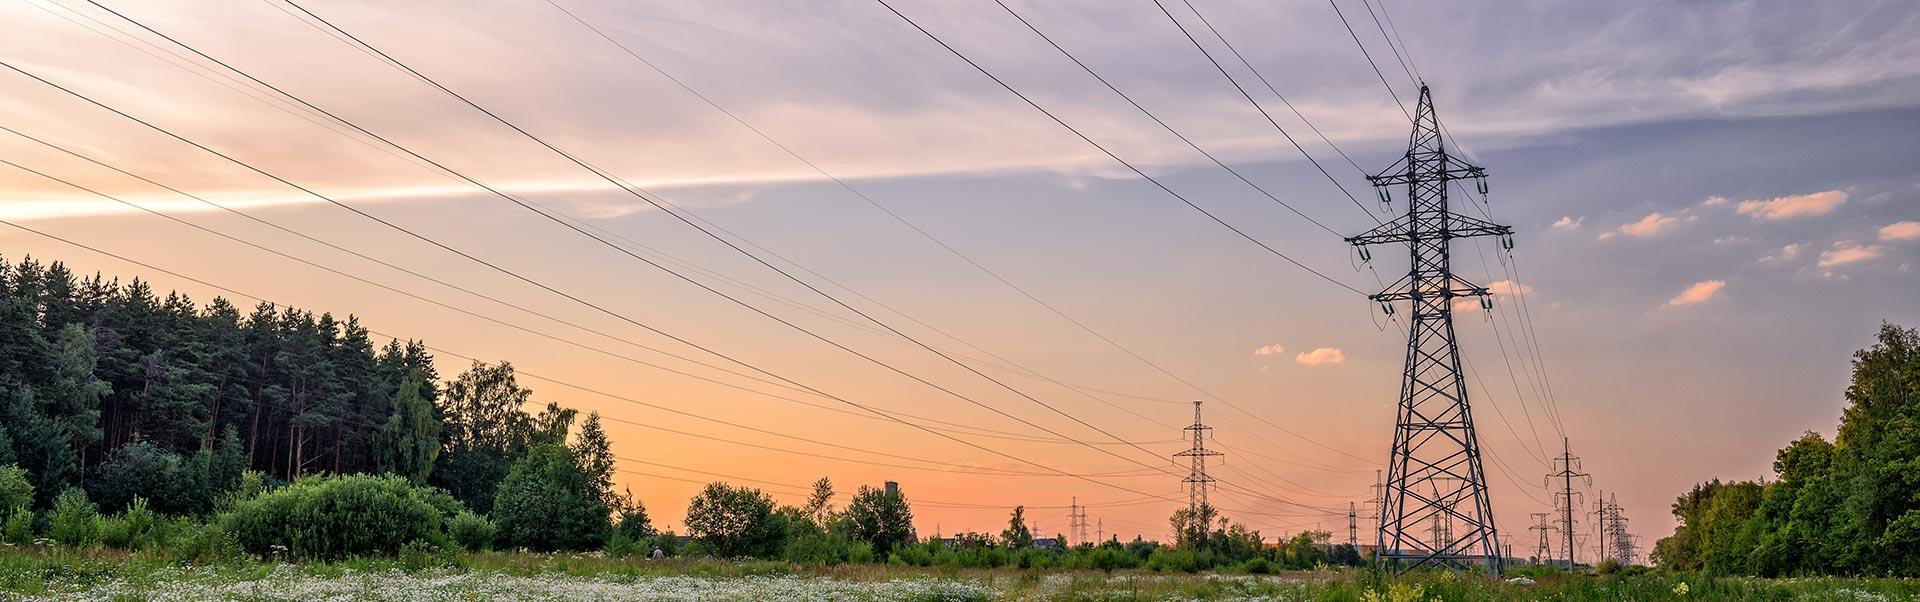 Transmission line Power EIPIX EIPFX Infrastructure Fun